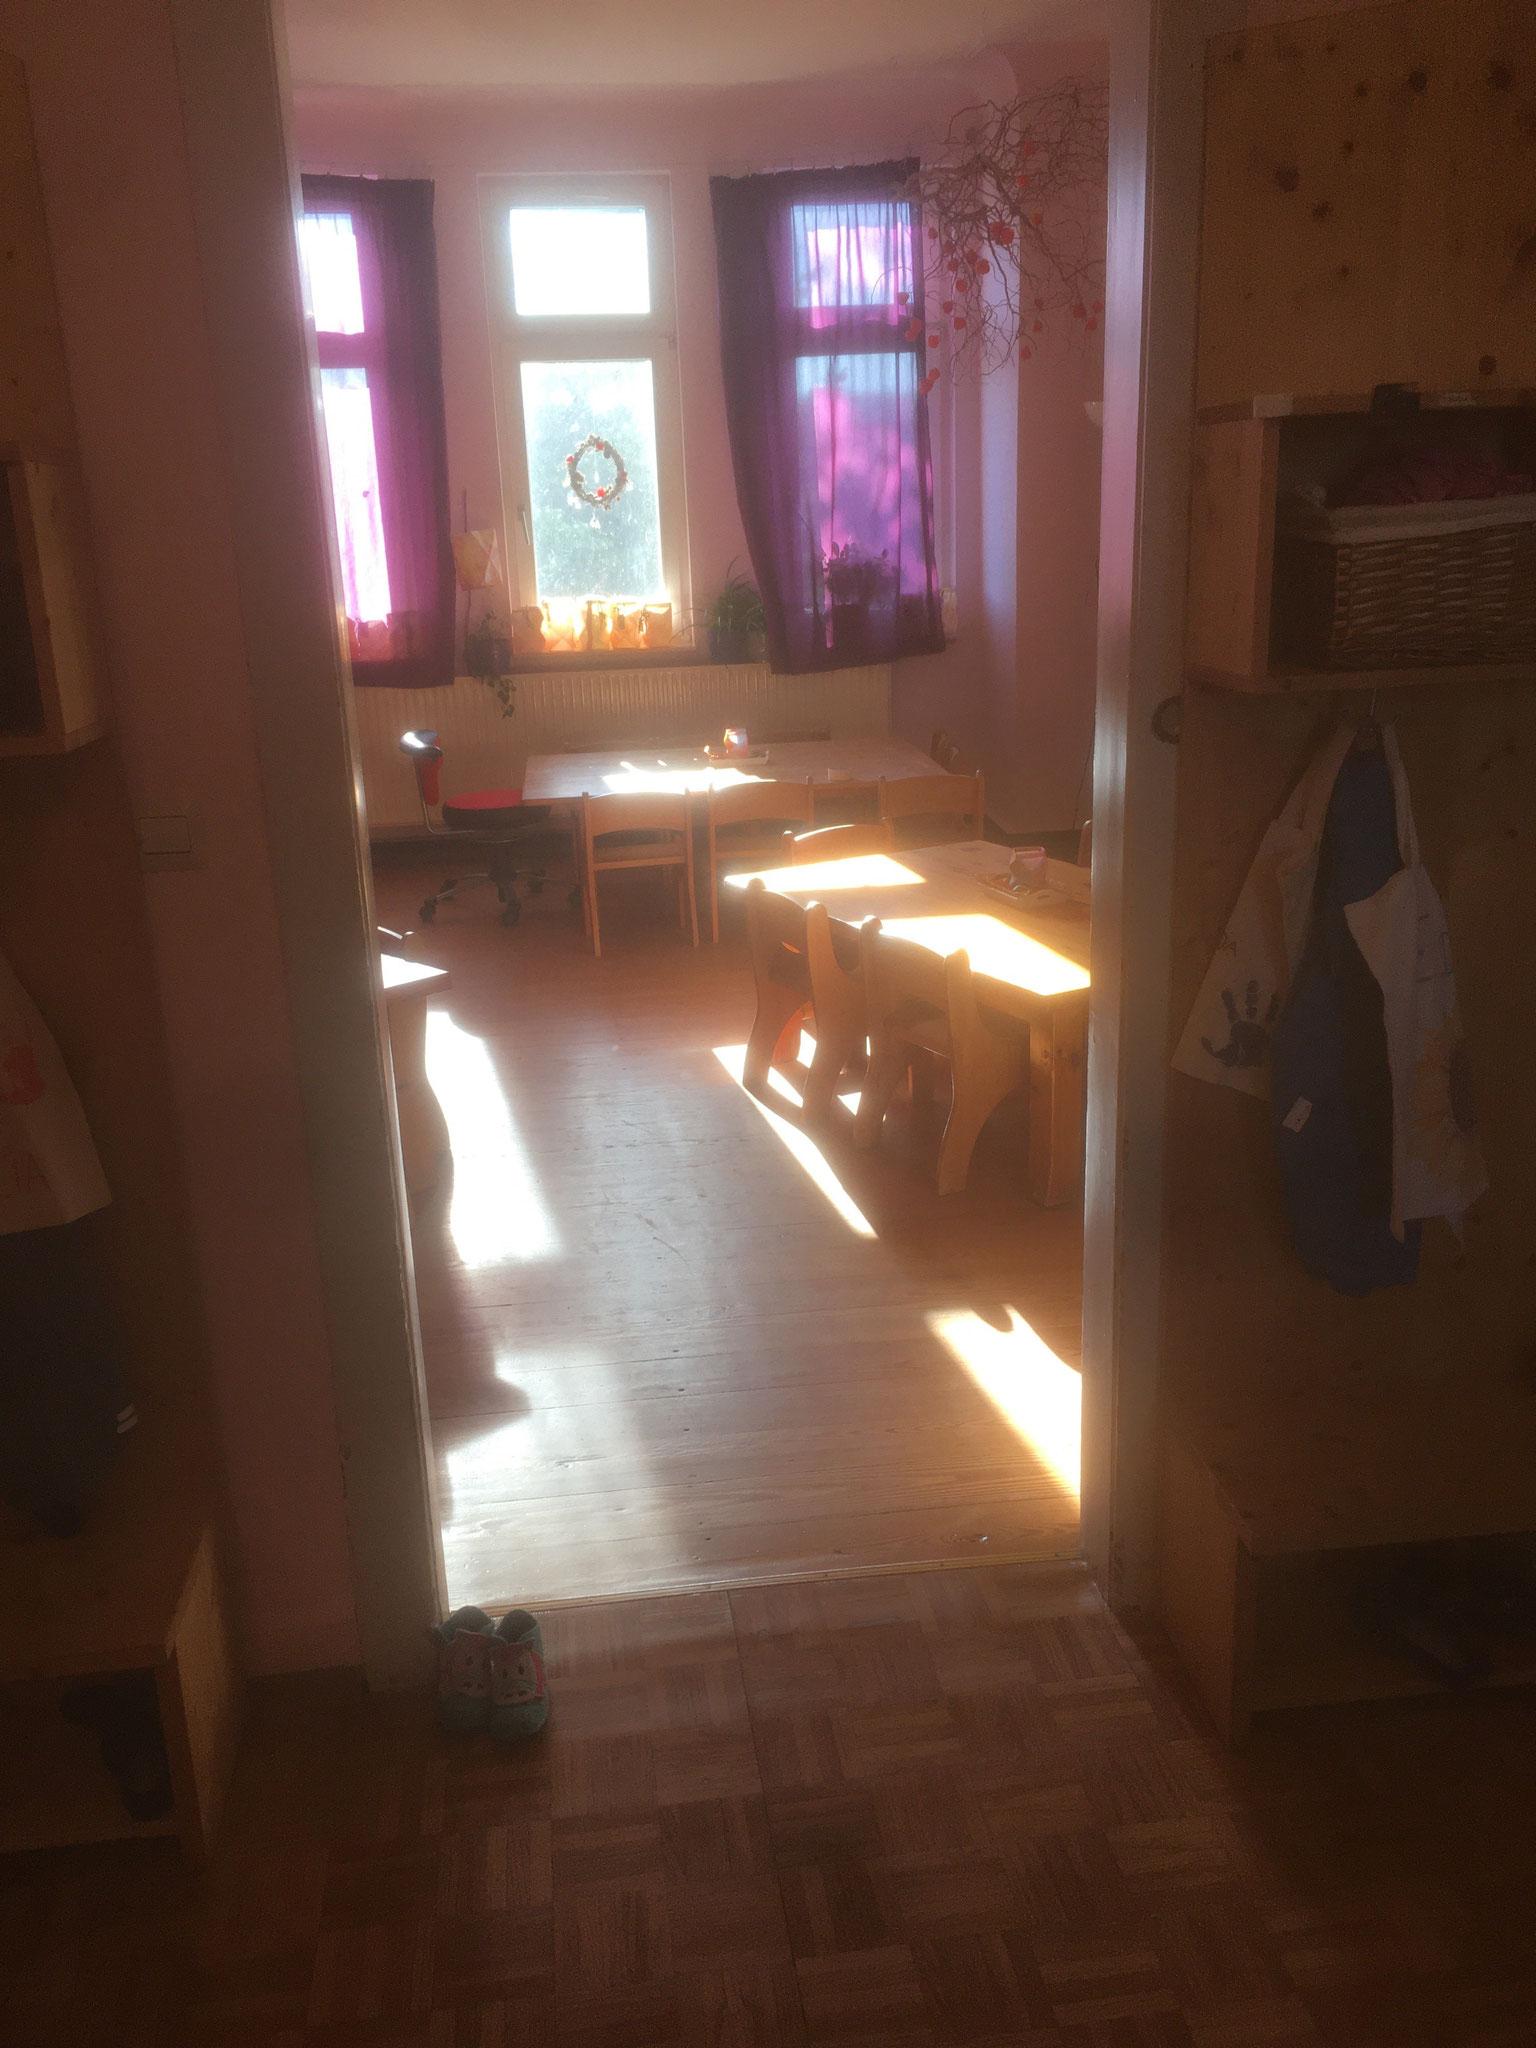 Garderobe und Eingang zu den Gruppenräumen